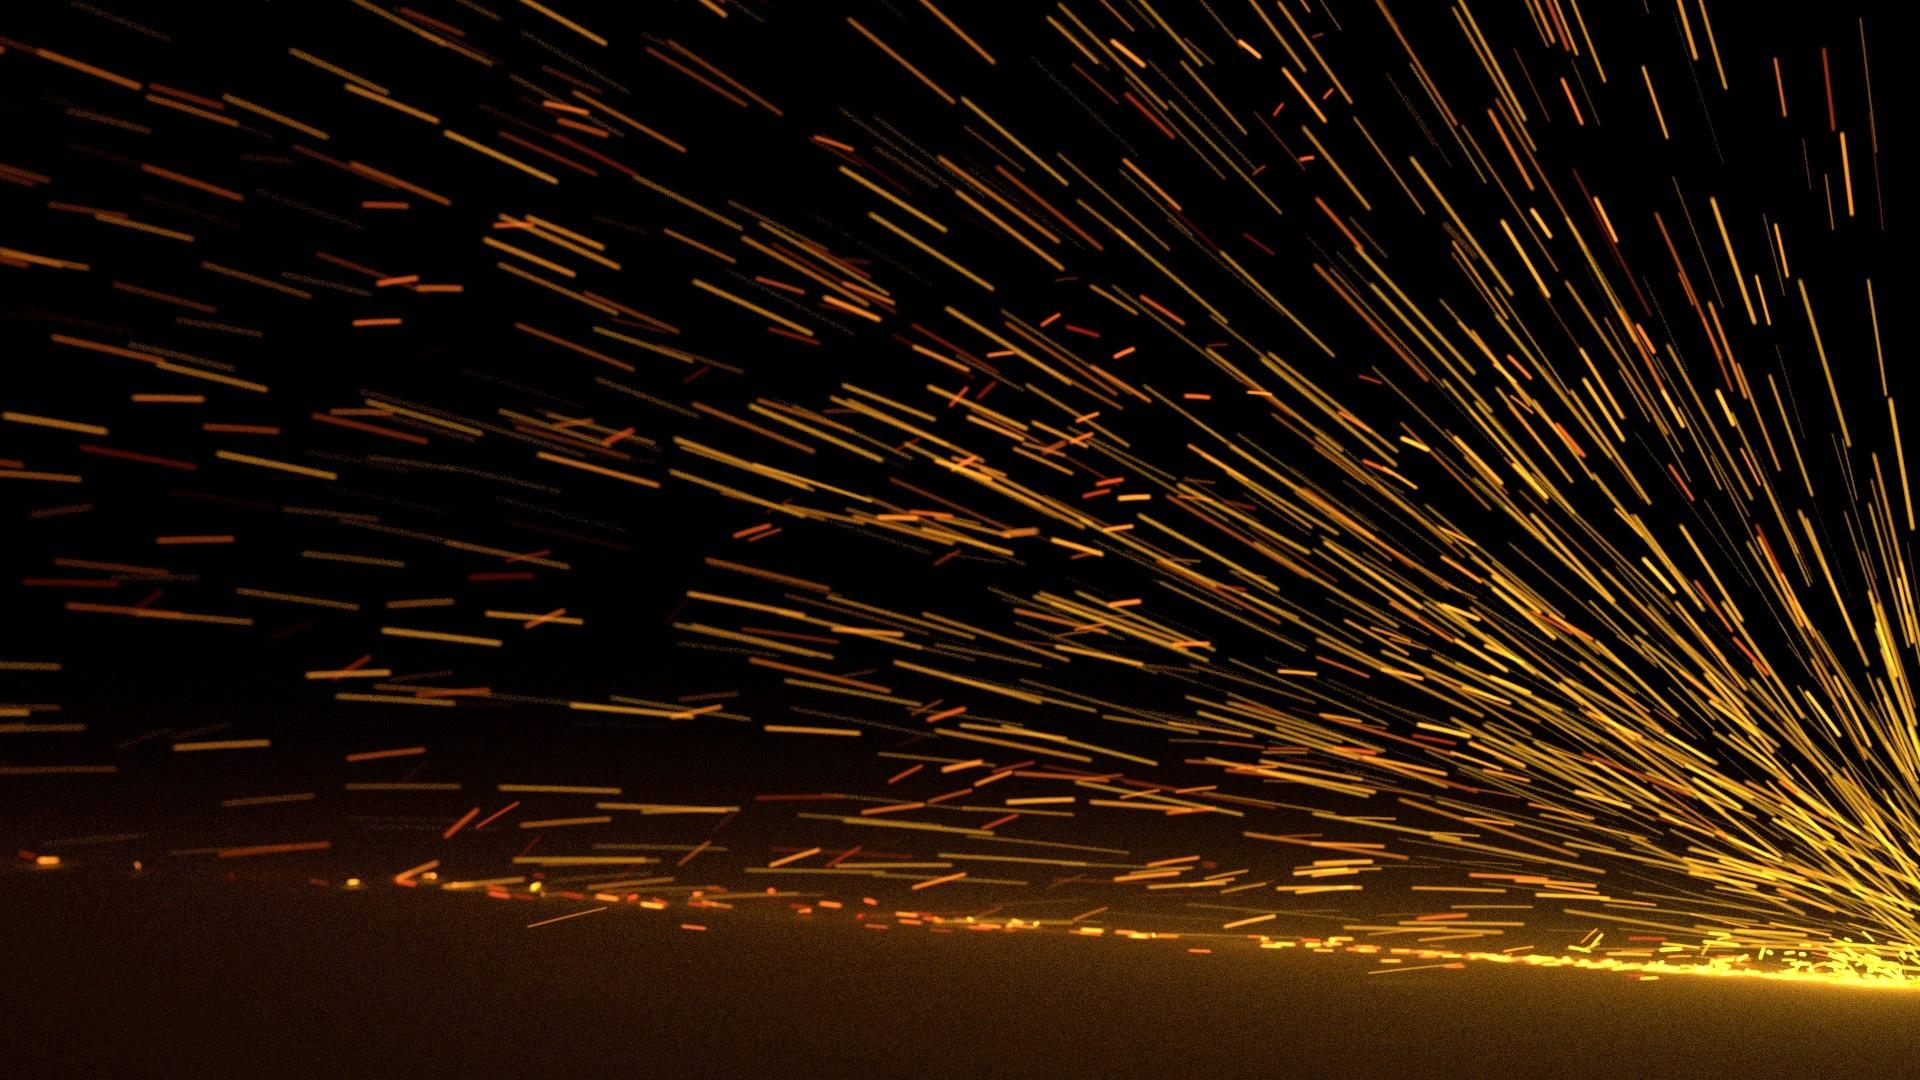 Horizon Light Night Sunlight Dark Steel Line Reflection Metal Desktop Work Glow Darkness Industry Lighting